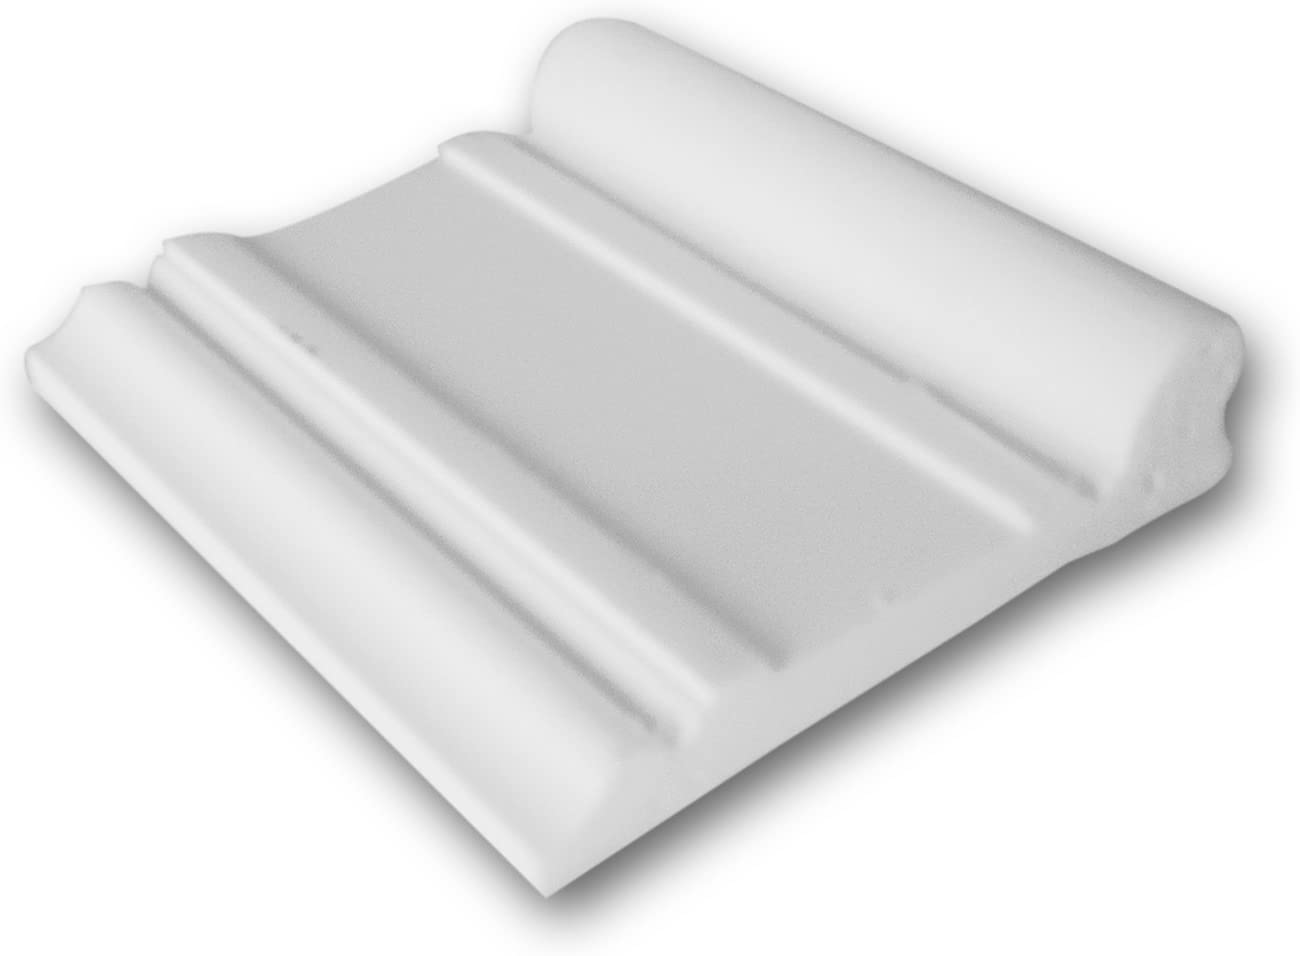 tapisserie murale autocollante Monde k-A-0206-a-a papier peint mural decoratif Papier peint adhesif Carte du monde 392x280 cm cuisine et salon feuille autocollante murando